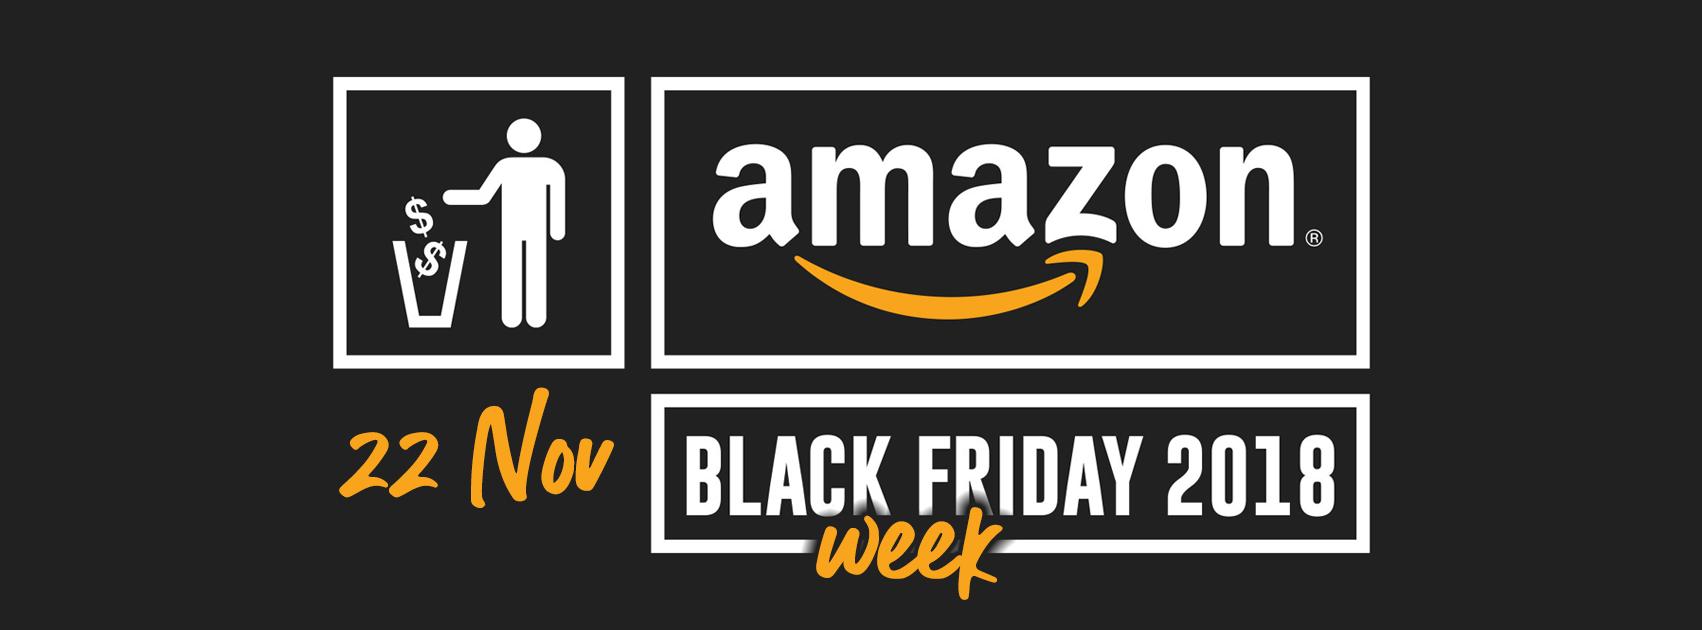 Amazon Black Friday 2018: Le migliori offerte di giovedì 22 novembre